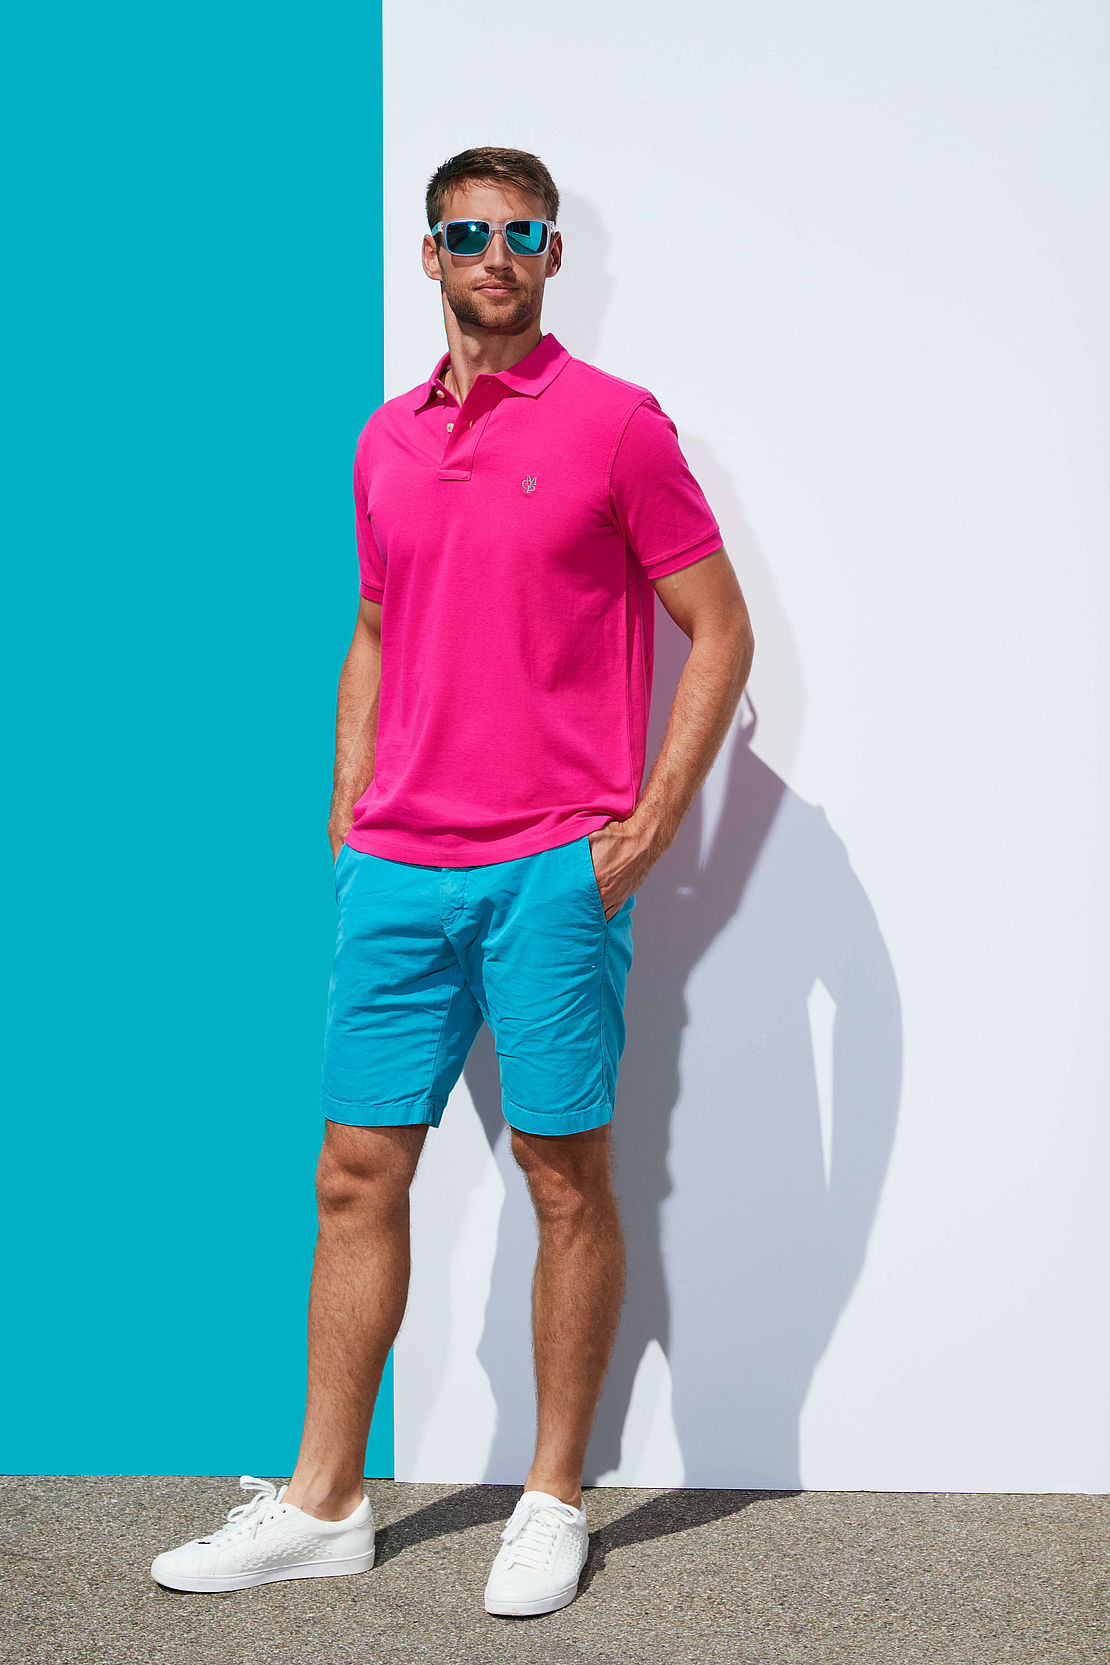 Mann mit polarisierter Sonnenbrille Modell 3025709